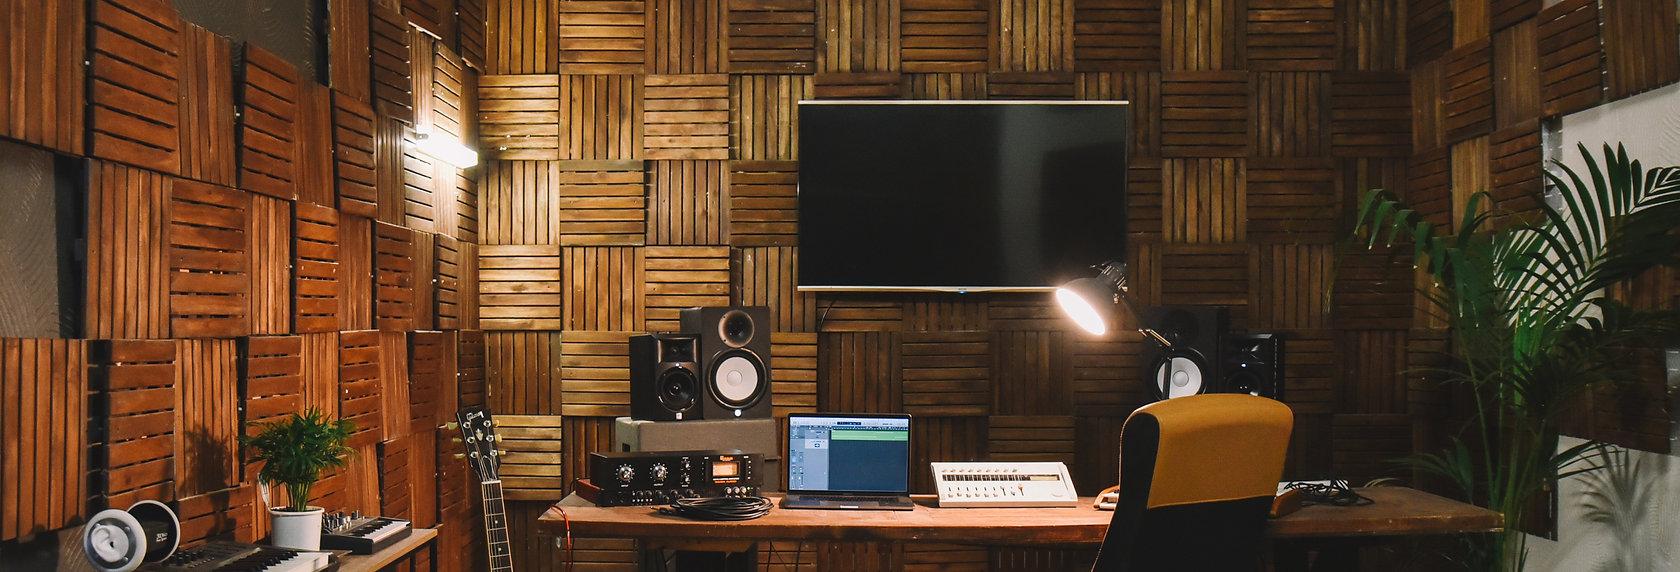 Studio | Editing Suite